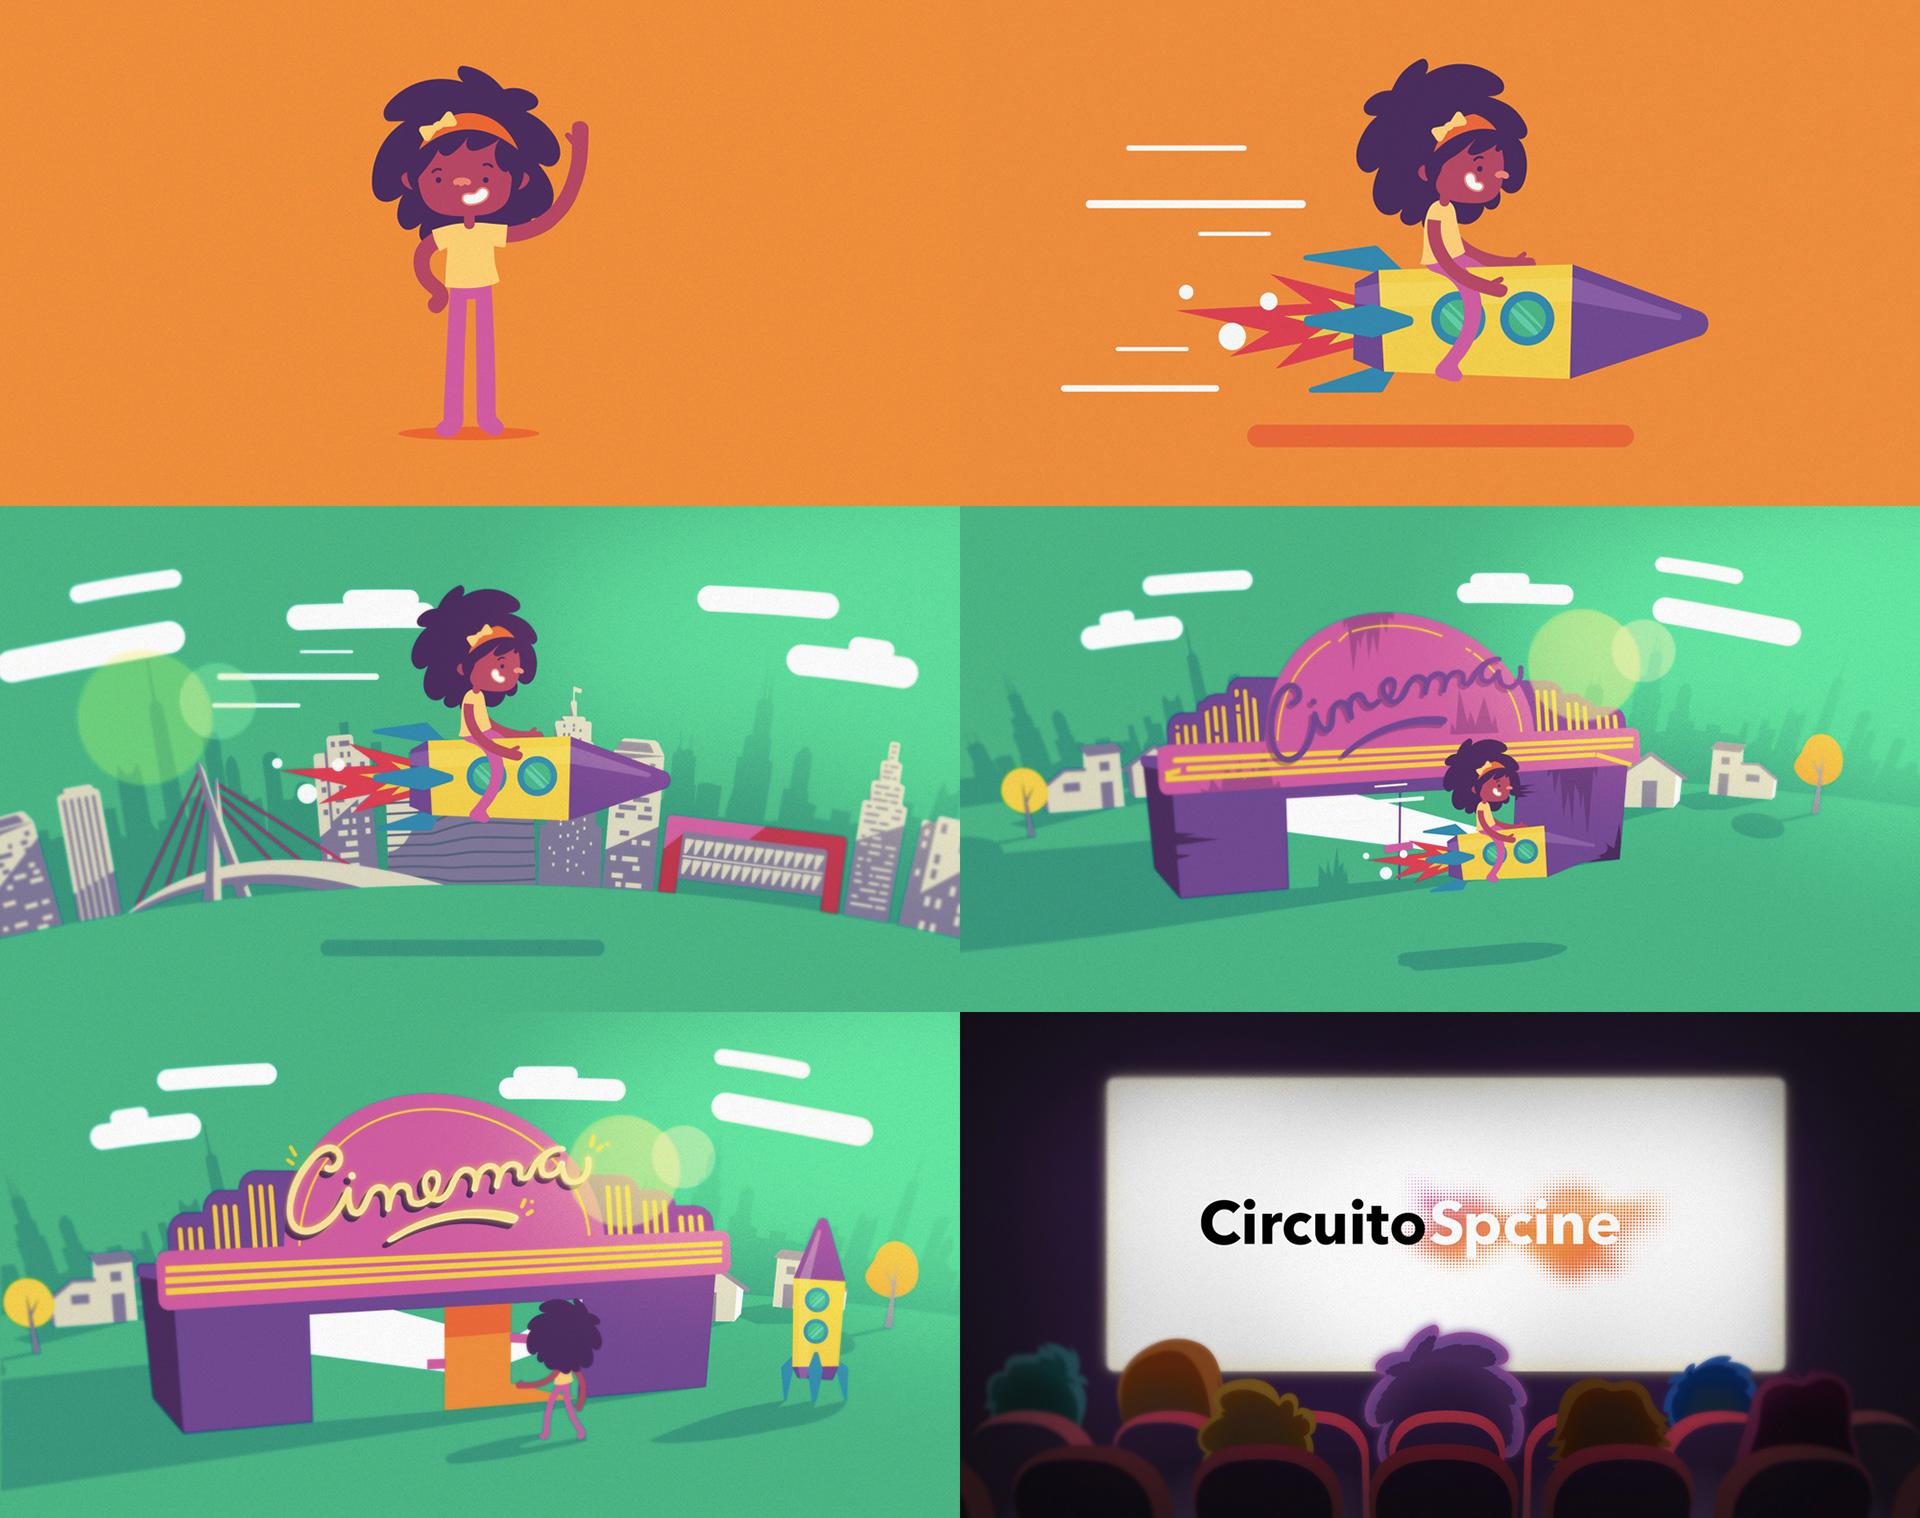 Circuito Sp Cine : Estúdio rufus ilustração e design circuito spcine de cinema